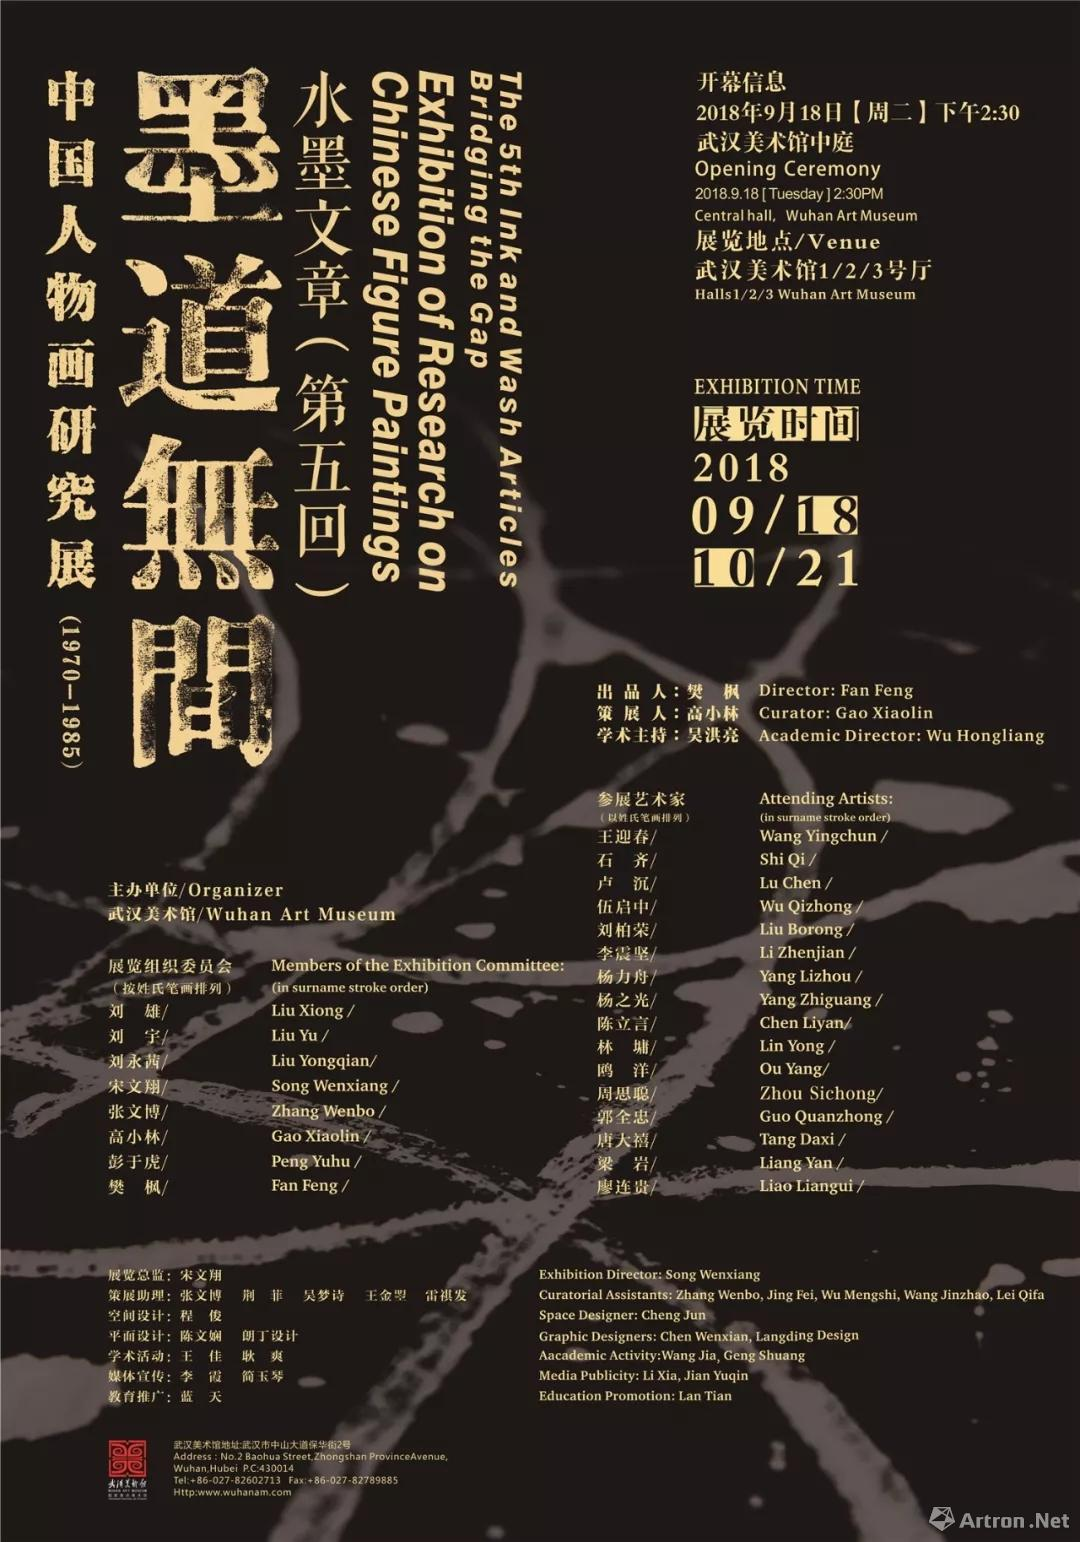 水墨文章第五回:墨道无间-中国人物画研究展(1970-1985)